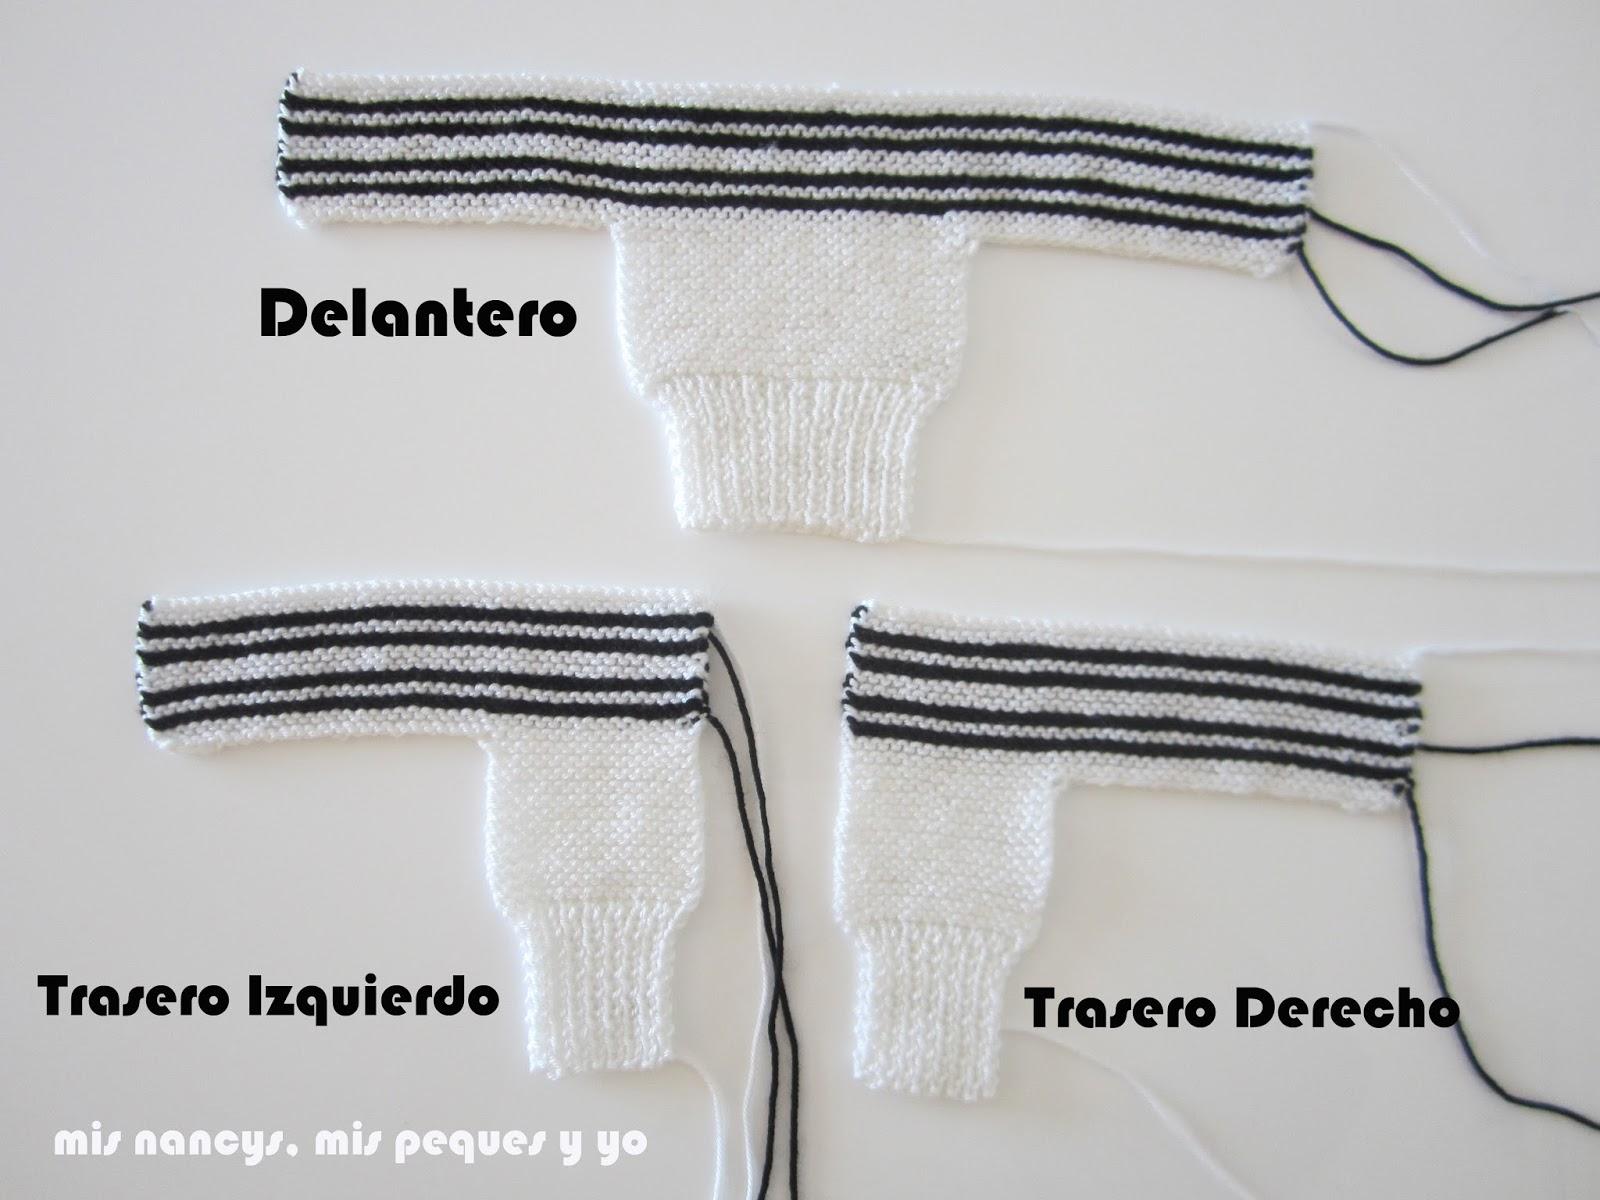 mis nancys, mis peques y yo, tutorial jersey de lana para Nancy, parte delantera, trasero izquierdo y trasero derecho